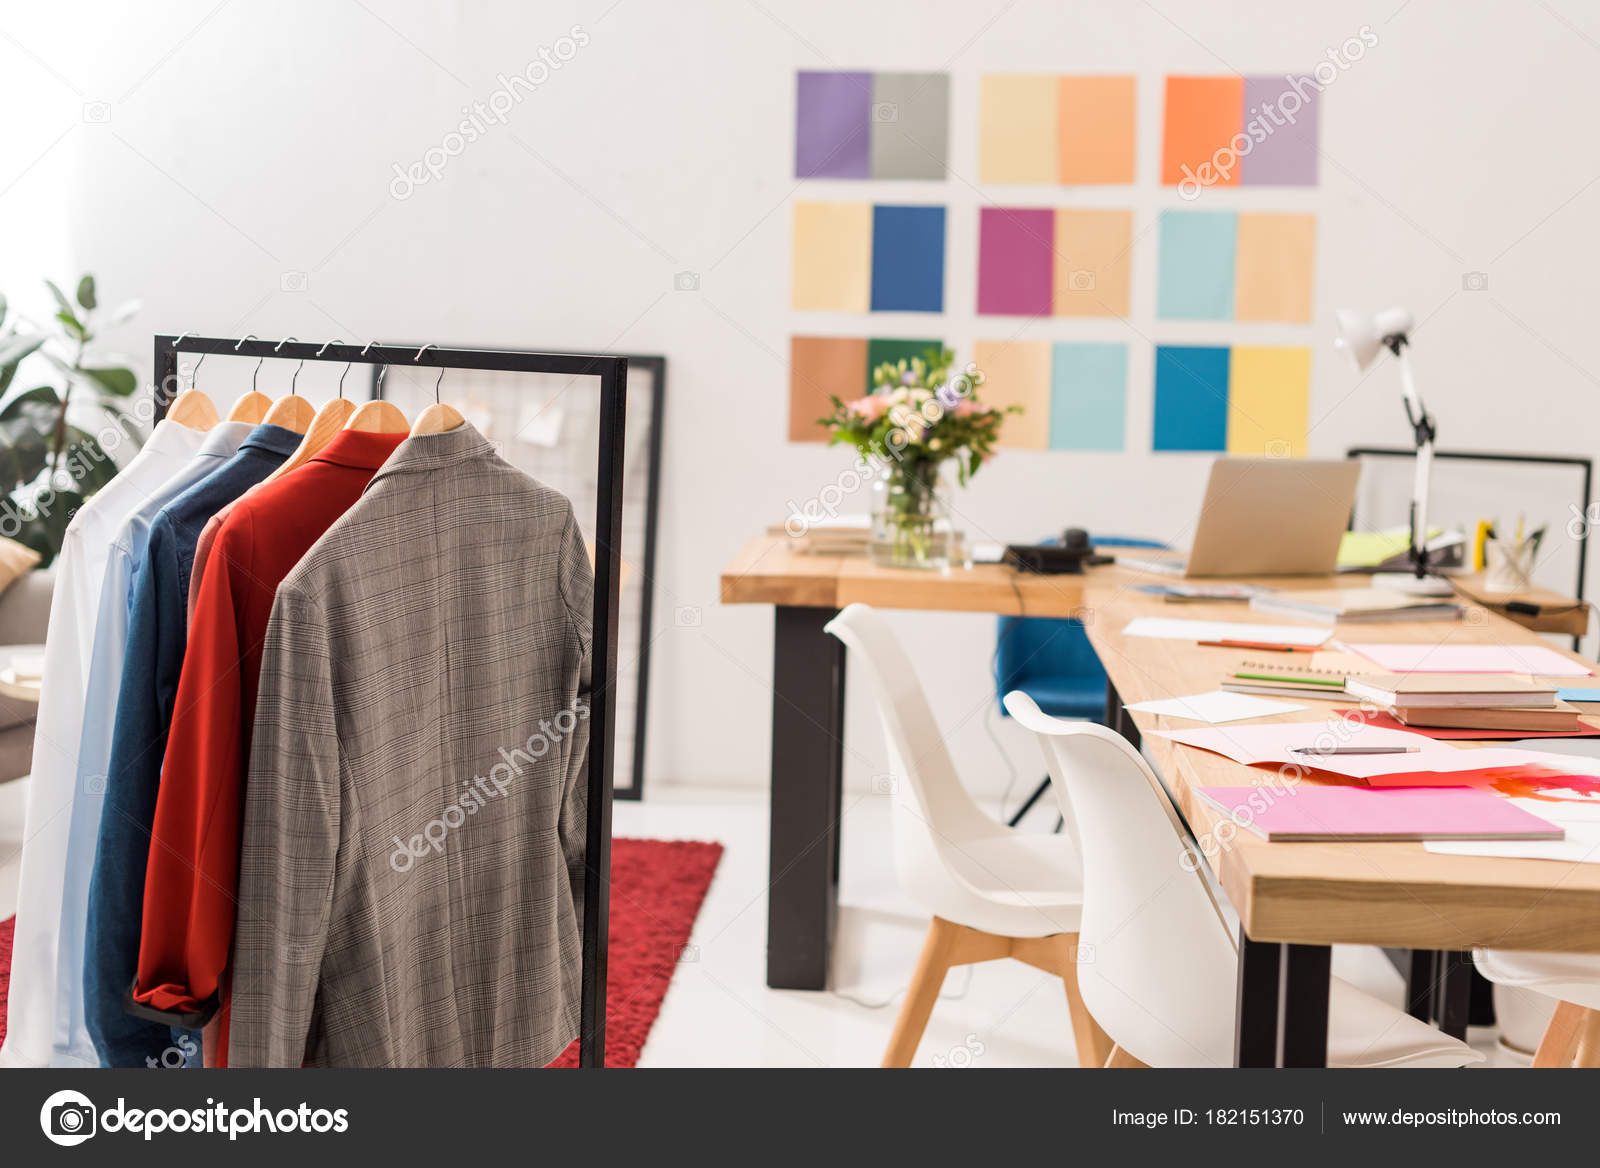 Colori Ufficio Moderno : Vestiti alla moda sui ganci documenti sulla tabella ufficio